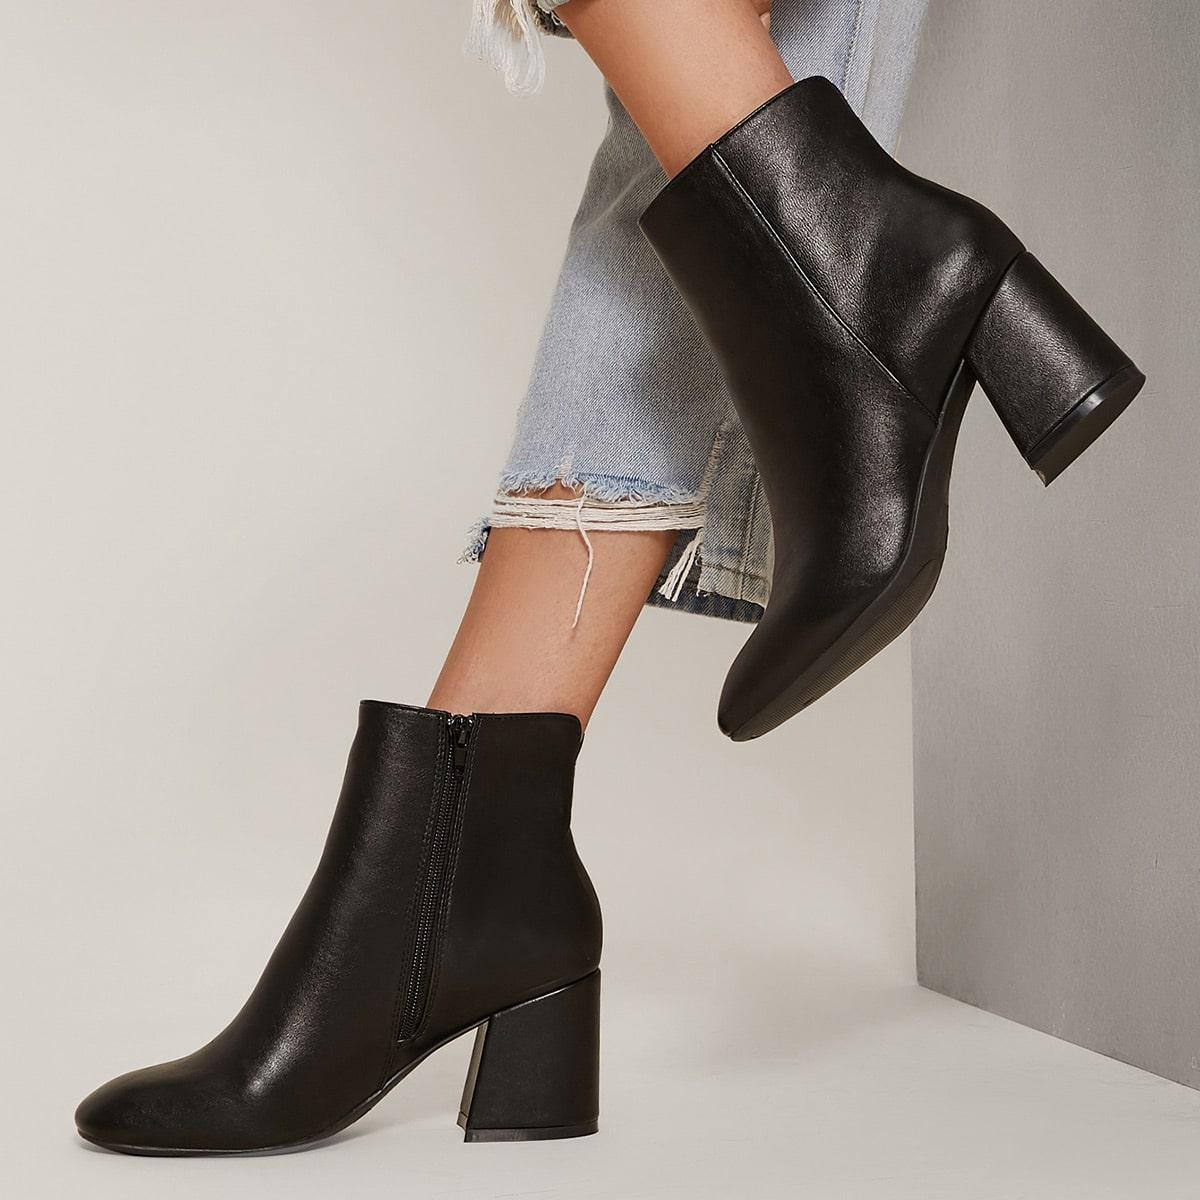 SHEIN / Kunstleder Stiefel mit quadratischer Zehenpartie